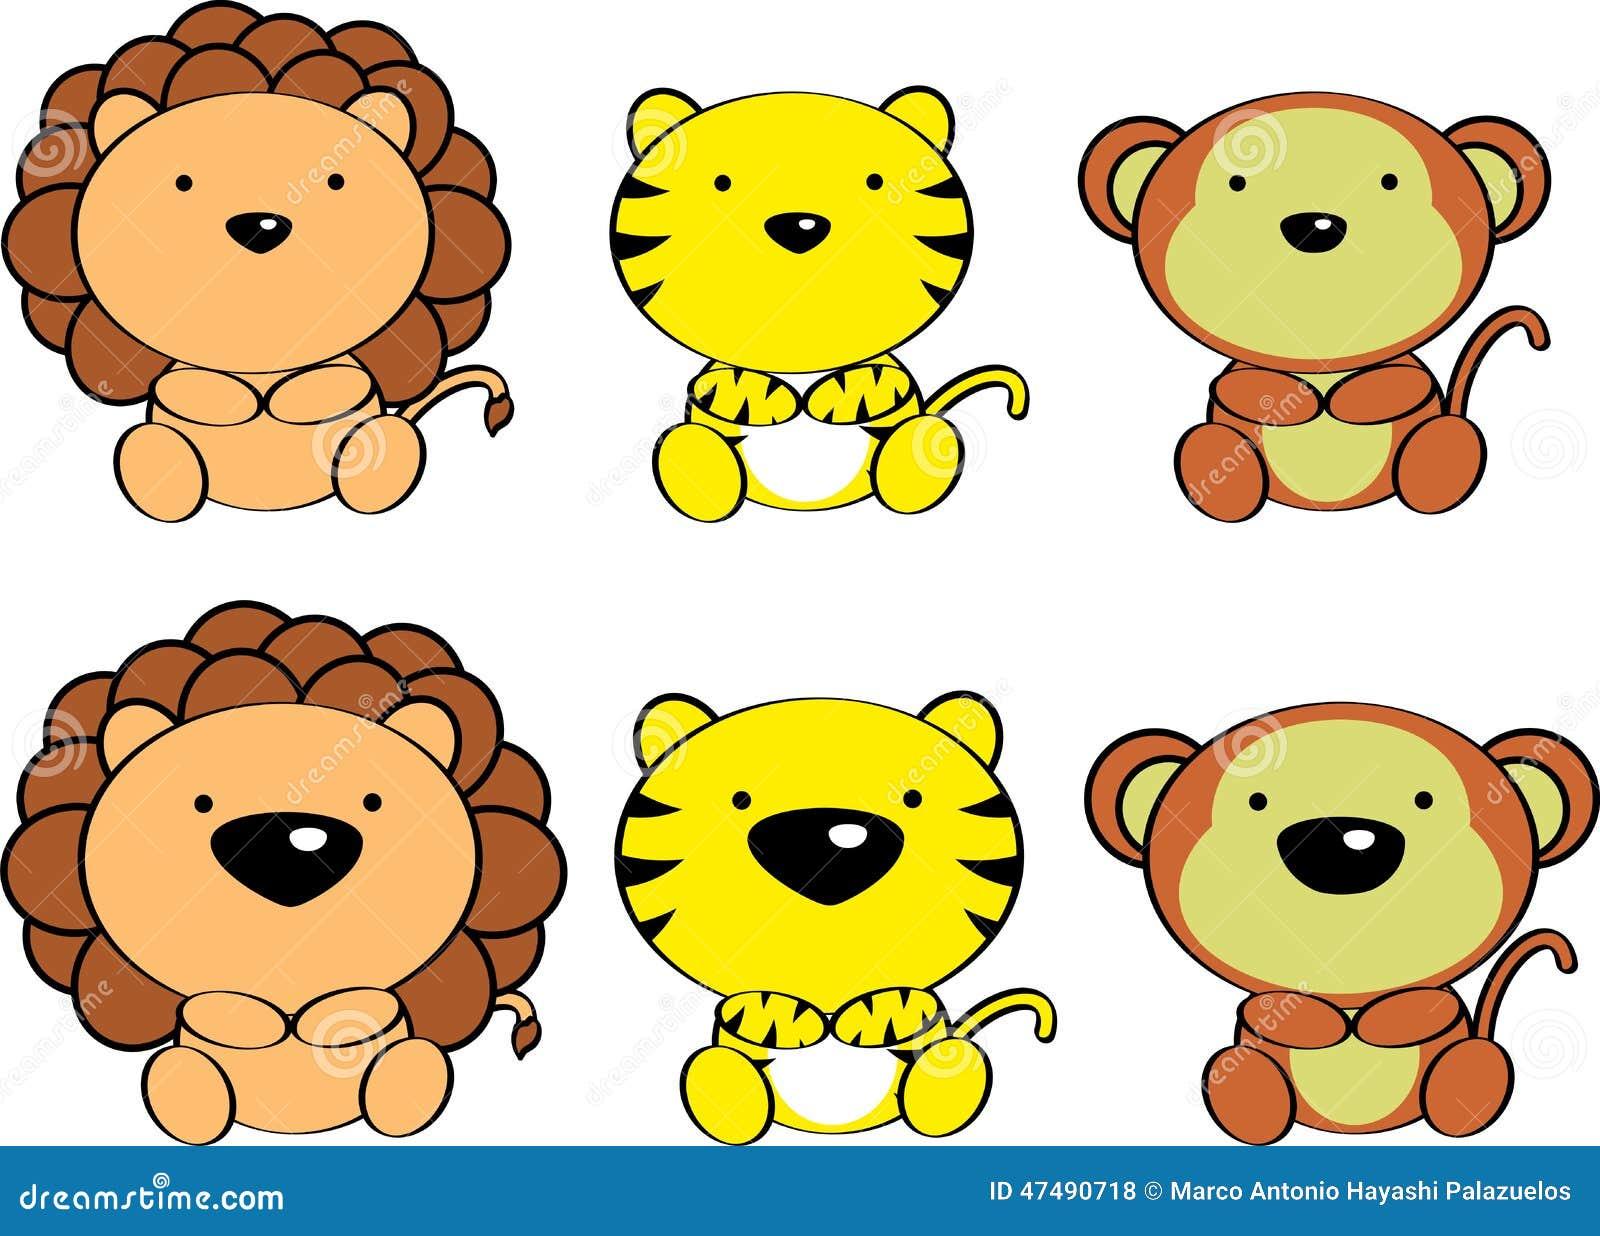 Zoológico De Animais Bebê Dos Desenhos Animados Vetor: Desenhos Animados Bonitos Set4 Dos Animais Do Bebê